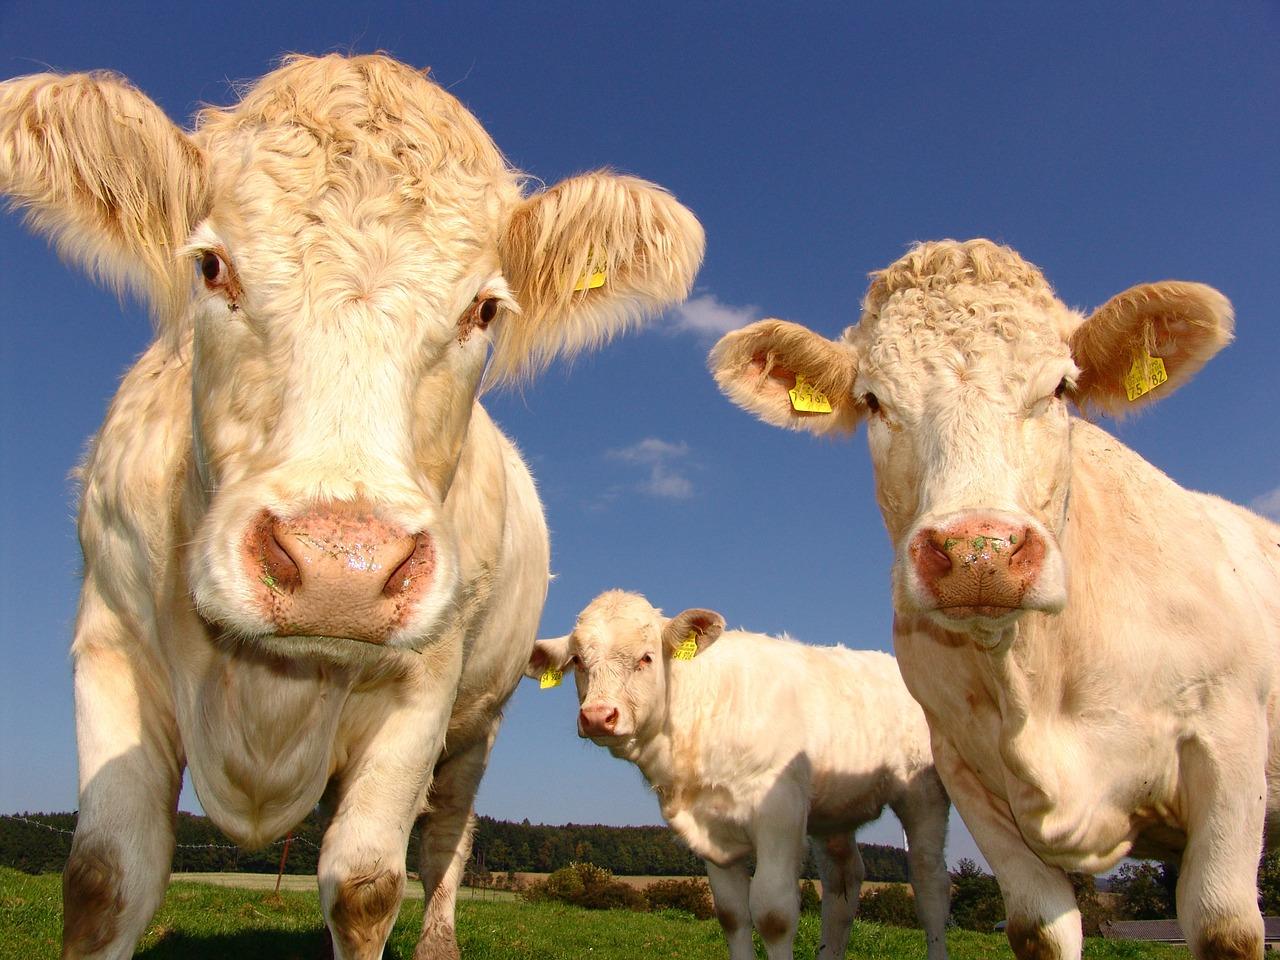 États généraux de l'alimentation : les propositions d'Emmanuel Macron pour le revenu des agriculteurs